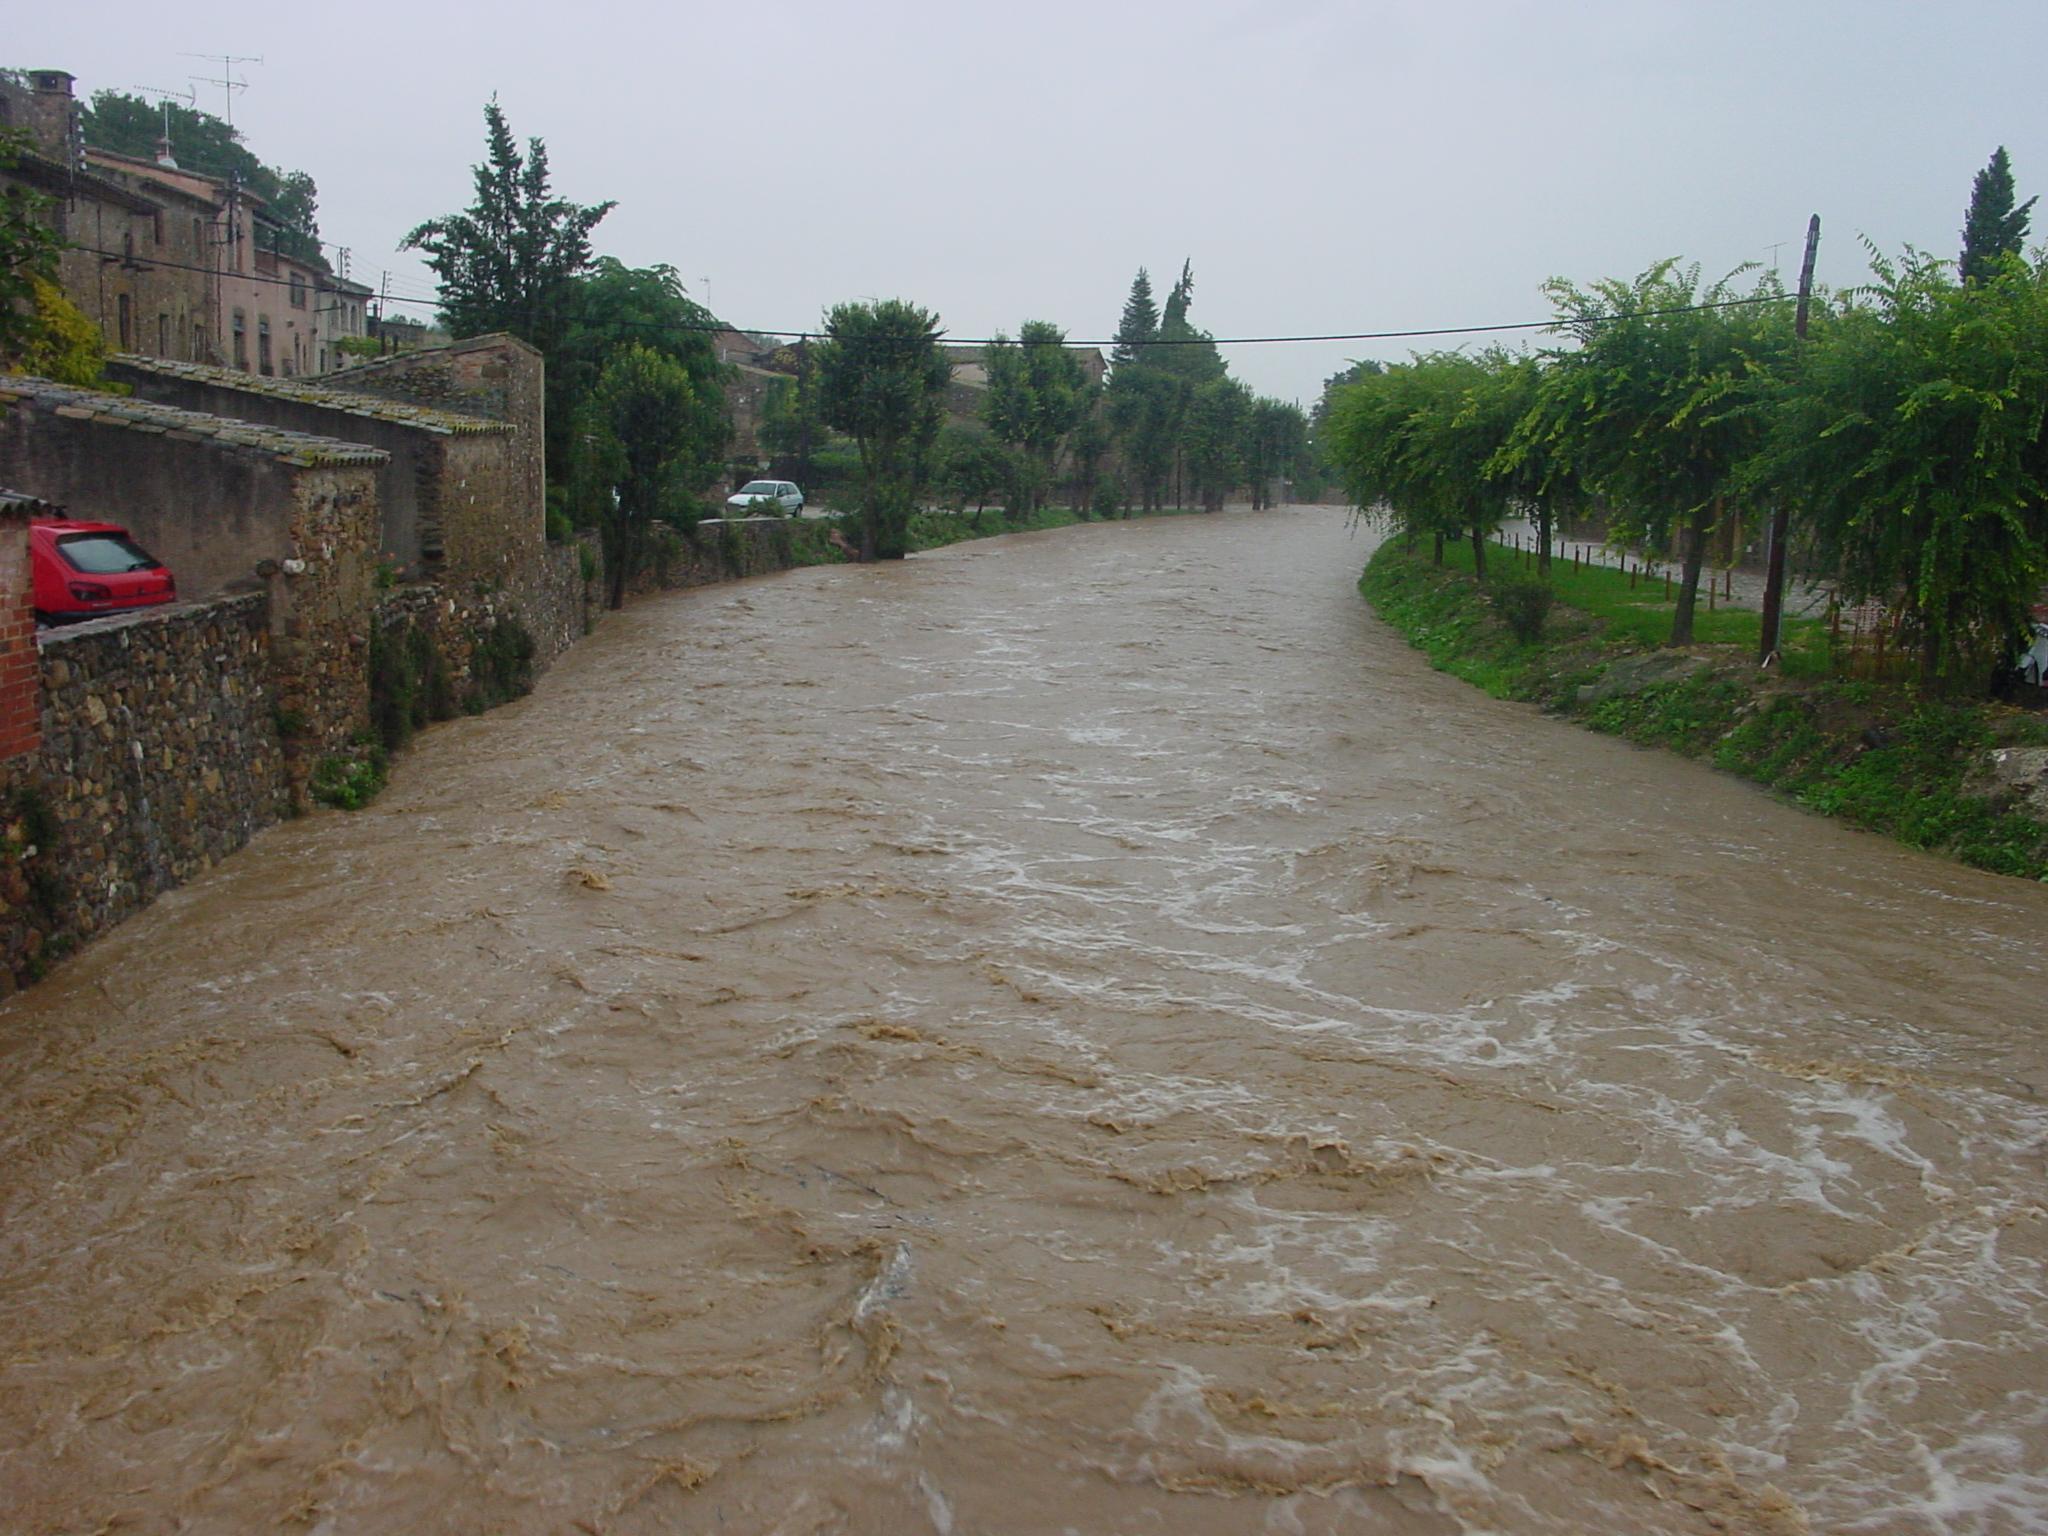 El rissec és un afluent del Daró i passa per diversos pobles. A la imatge es veu el Rissec ben ple passant per Monells. El Rissec és un